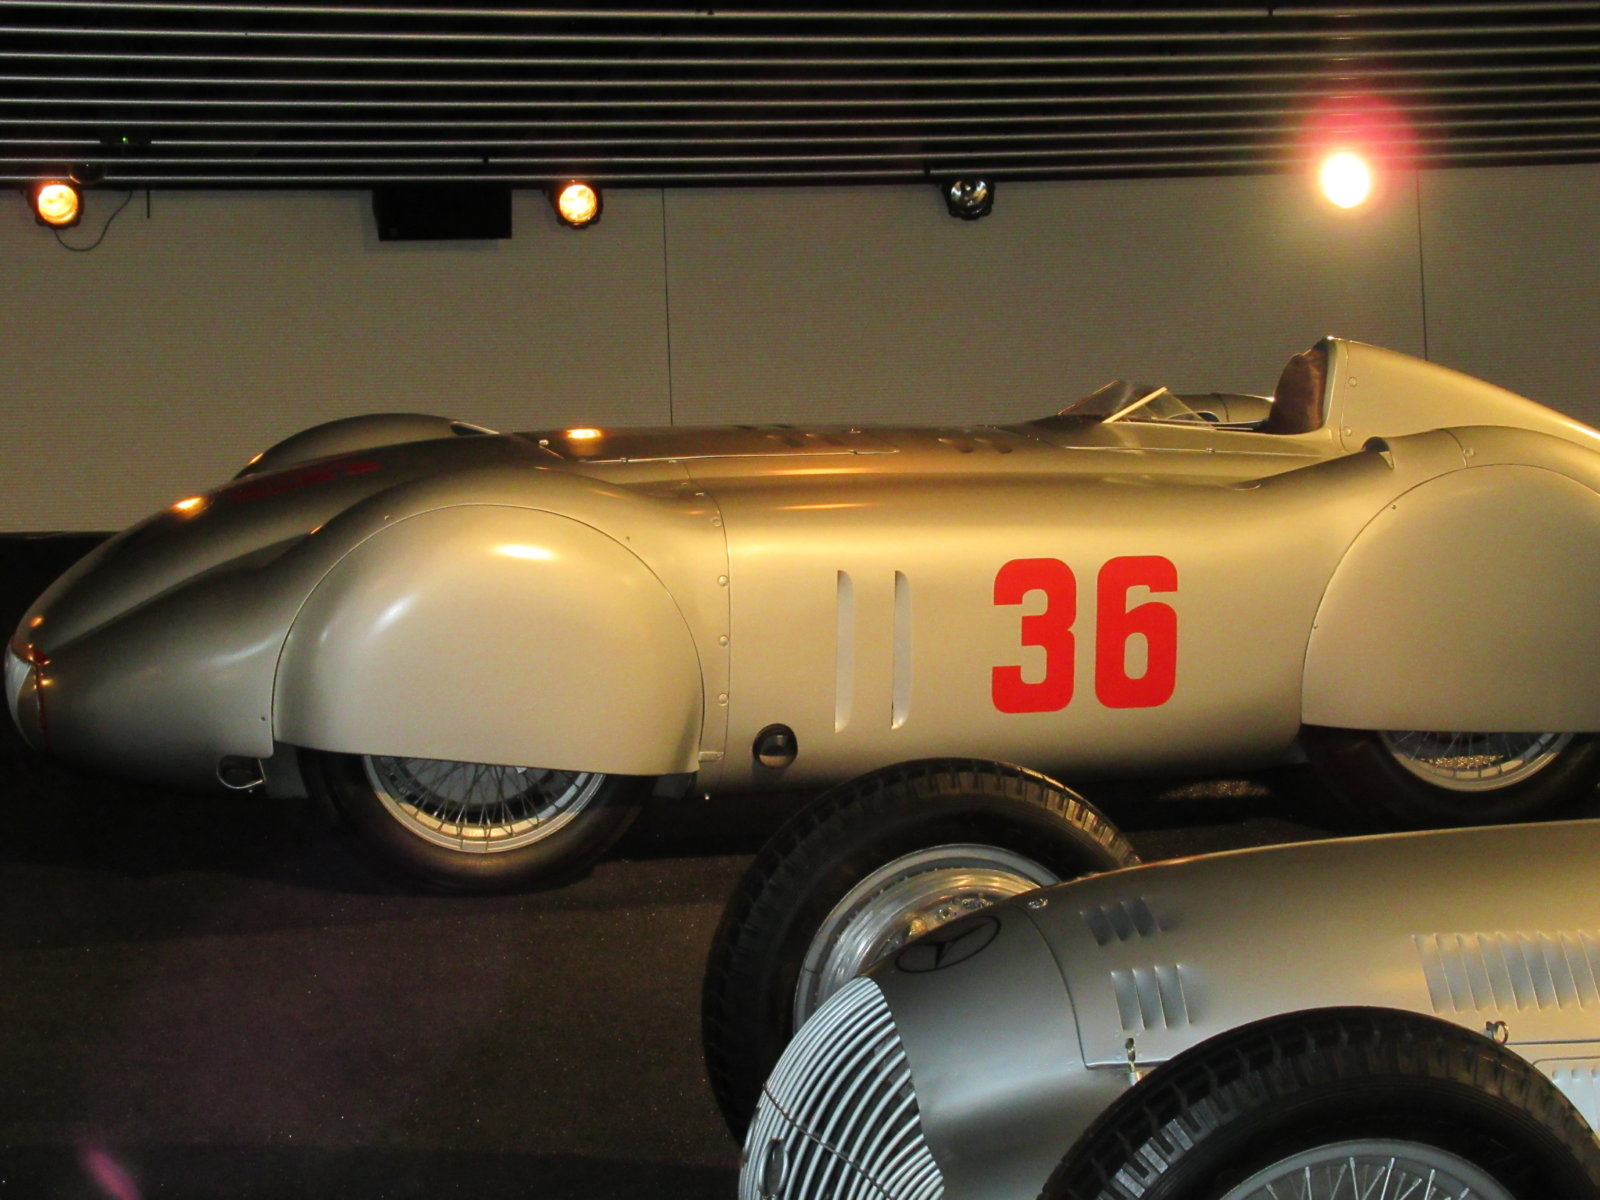 07-26 MB Race Car 16